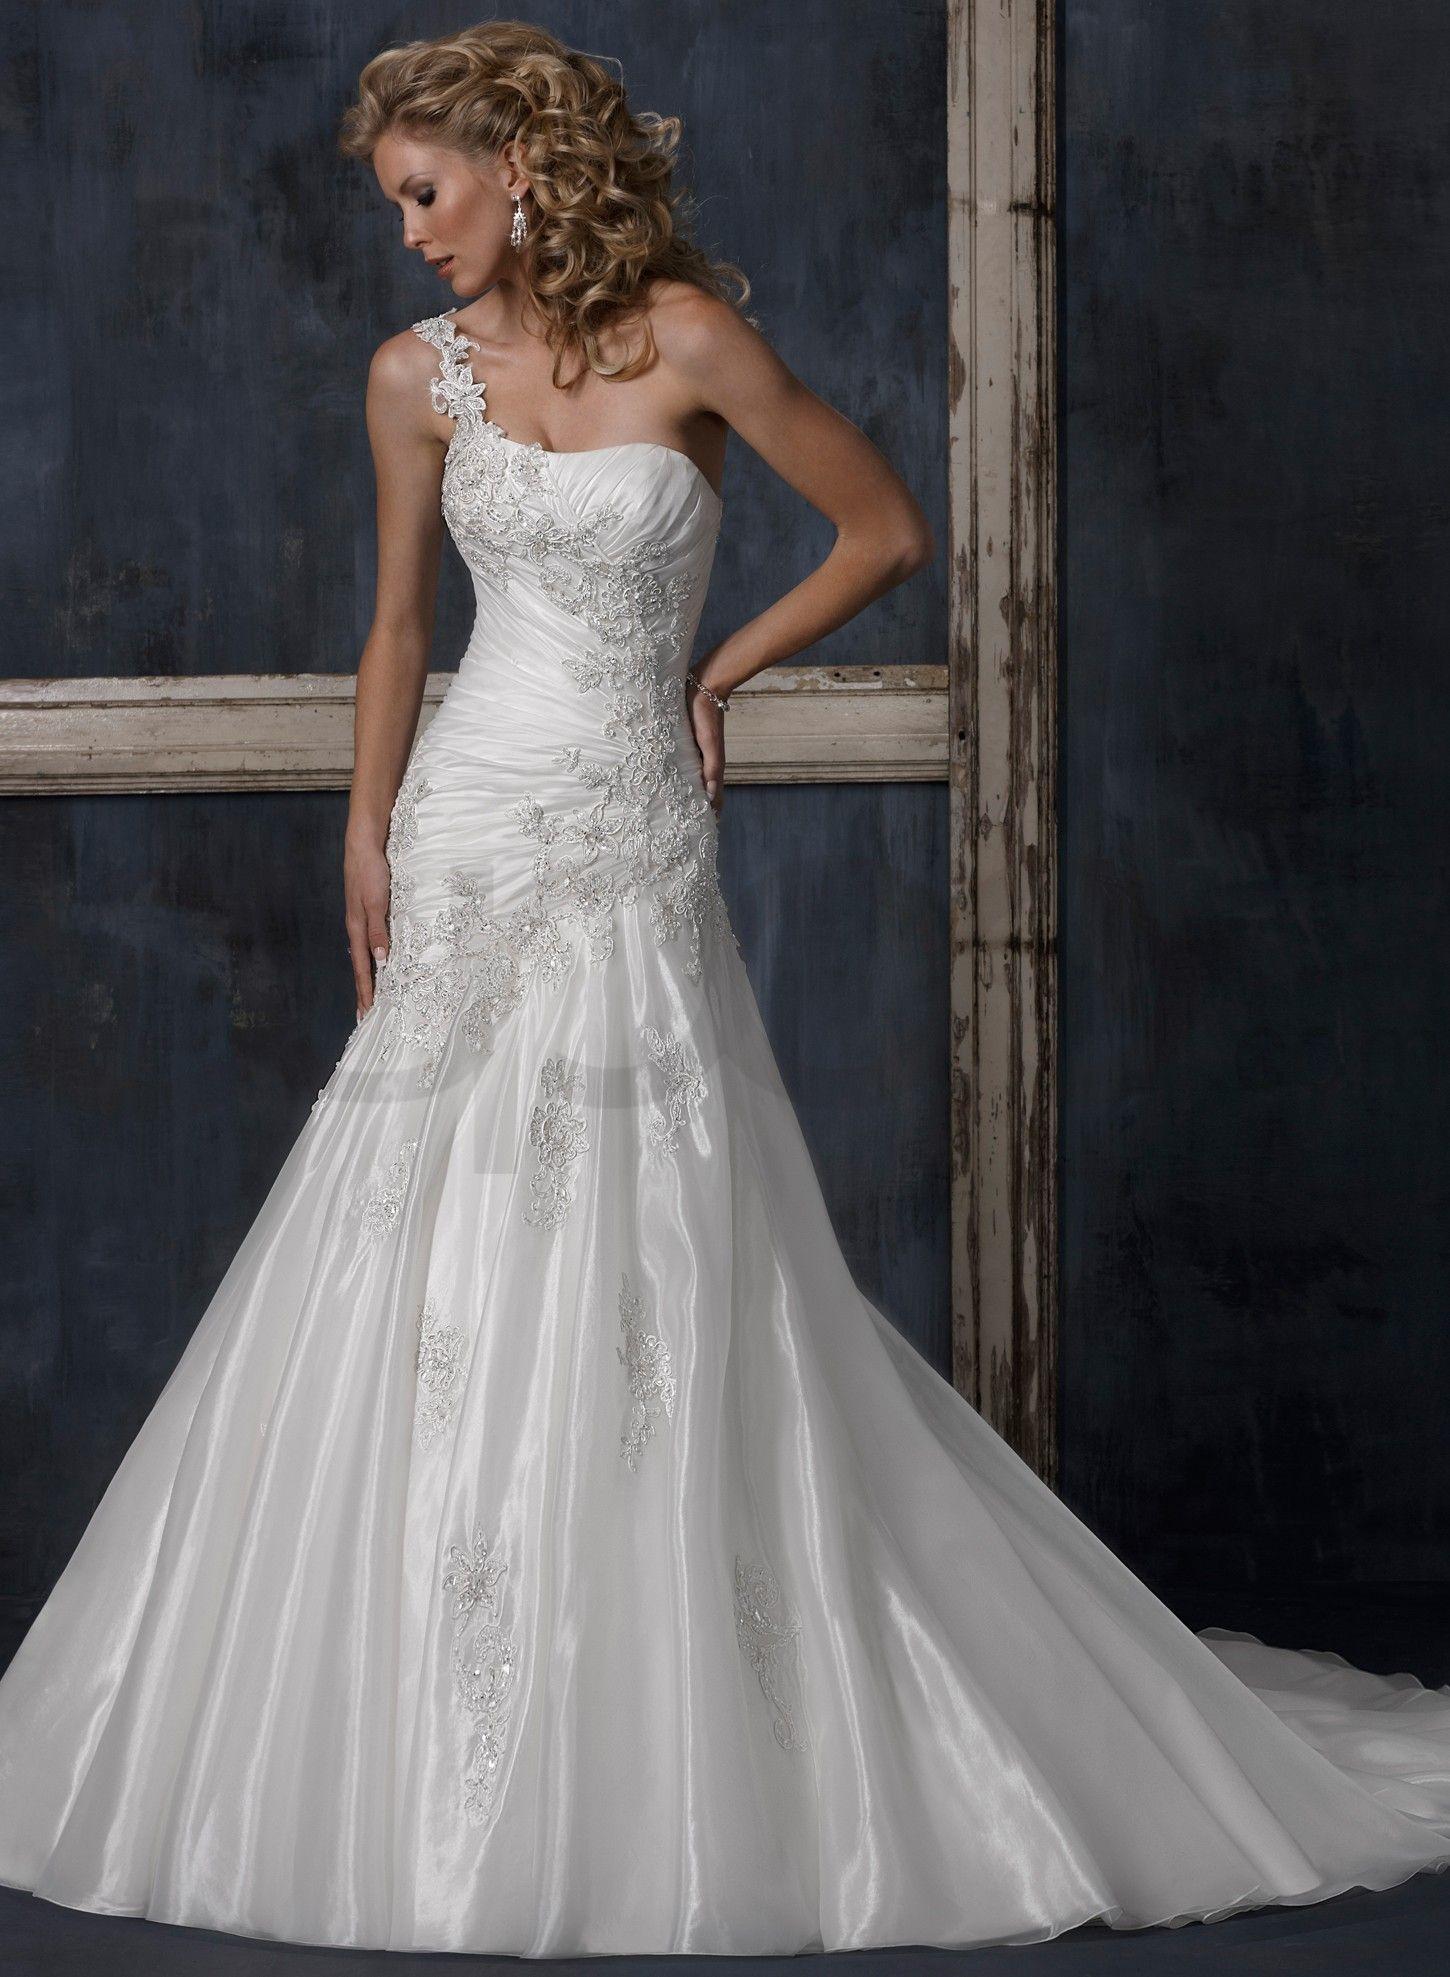 one strap wedding dresses | ... One Shoulder Summer Beach Chiffon ...